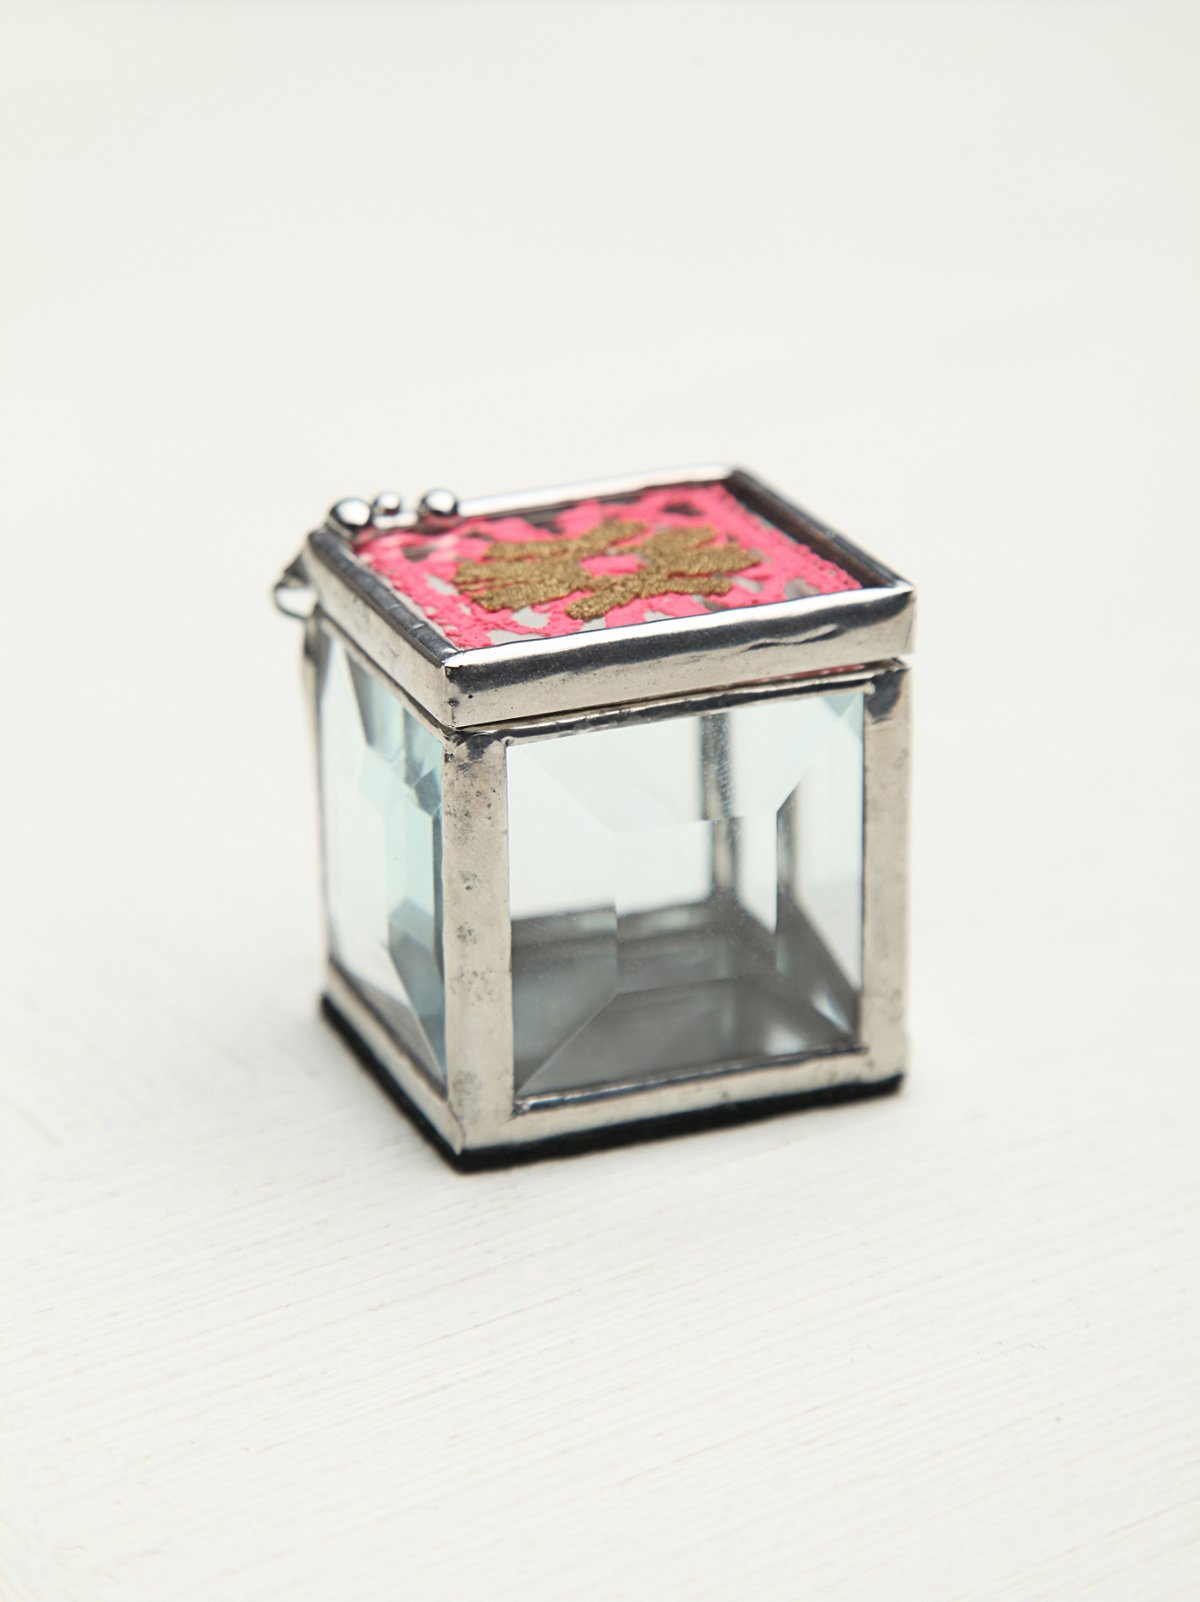 Lace Mirror Box